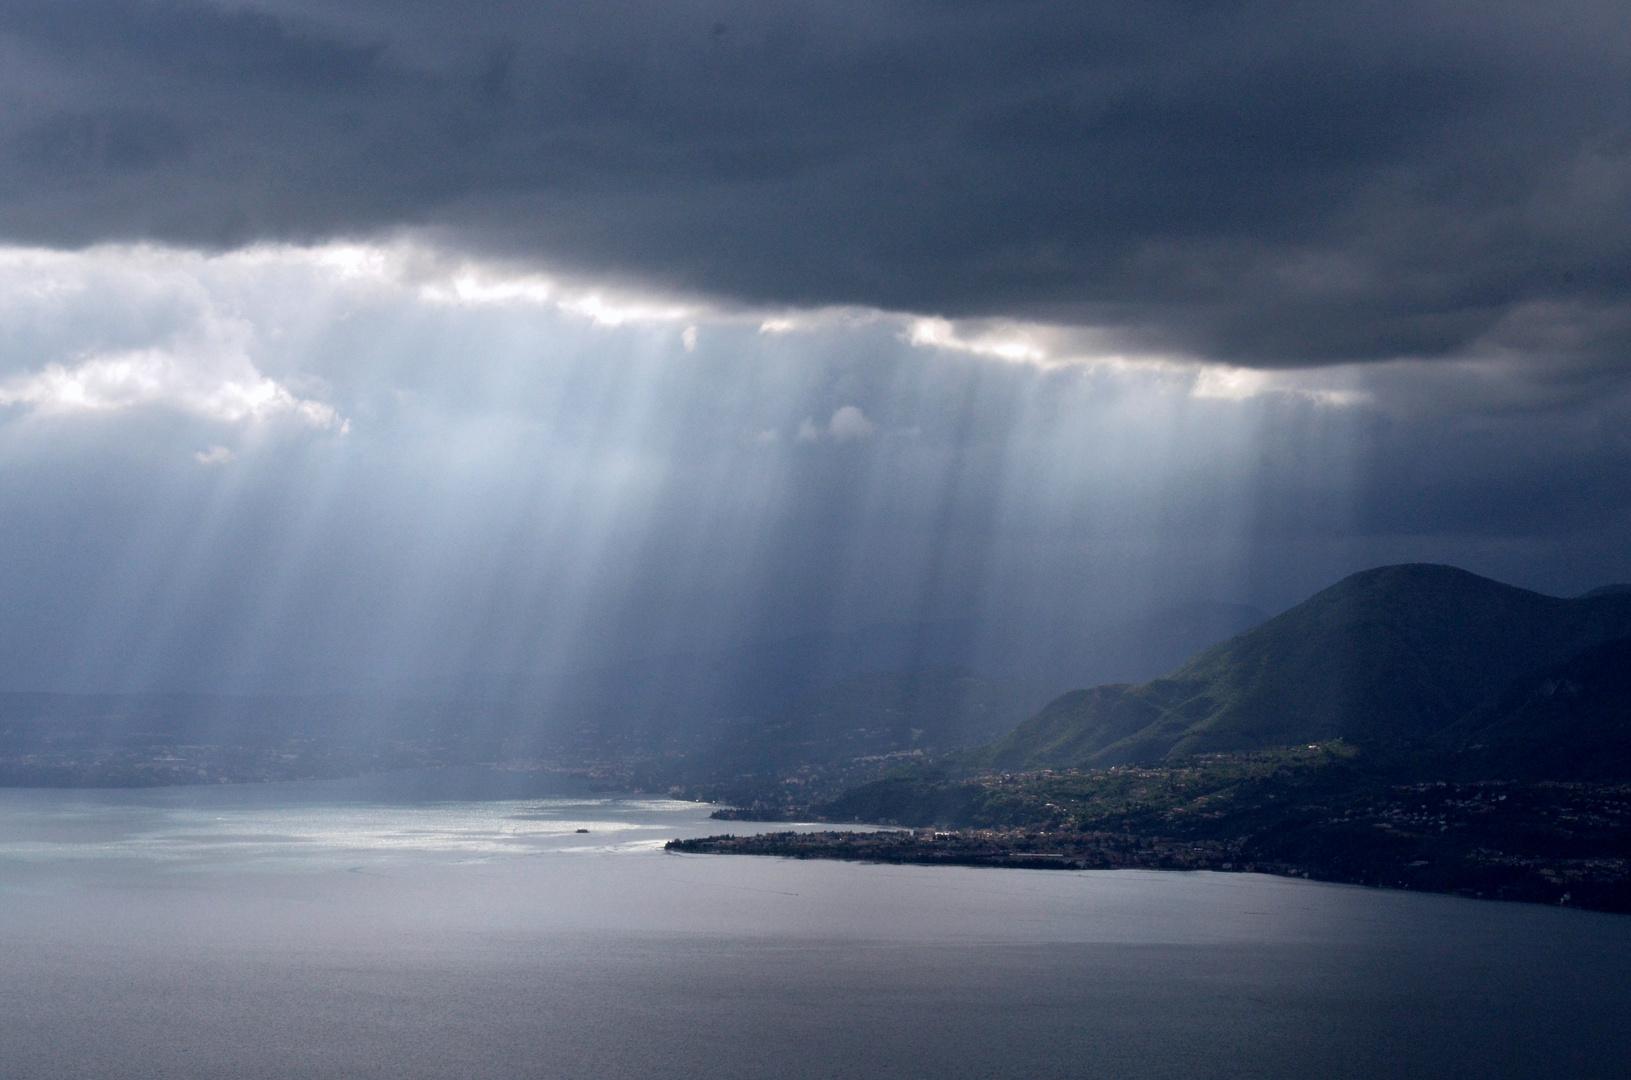 Scheinwerferlicht am lago di garda